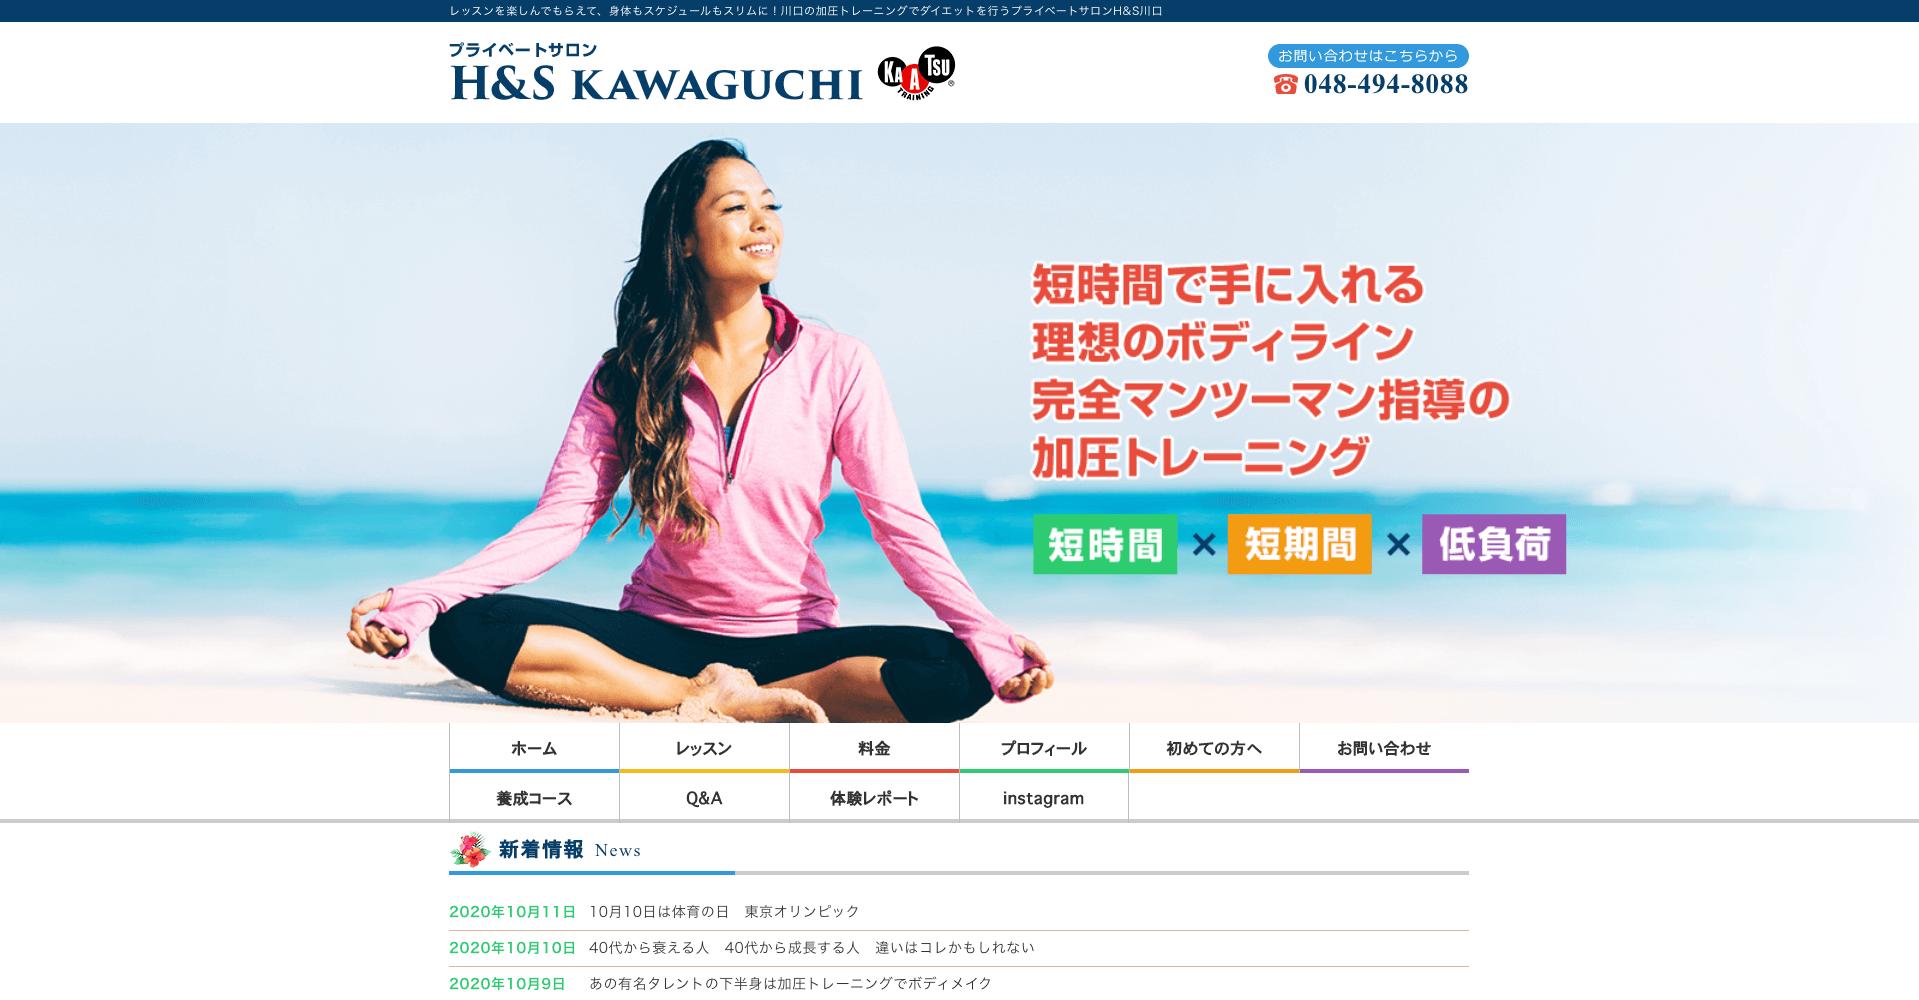 【加圧トレーニング】 プライベートサロンH&S kawaguchi